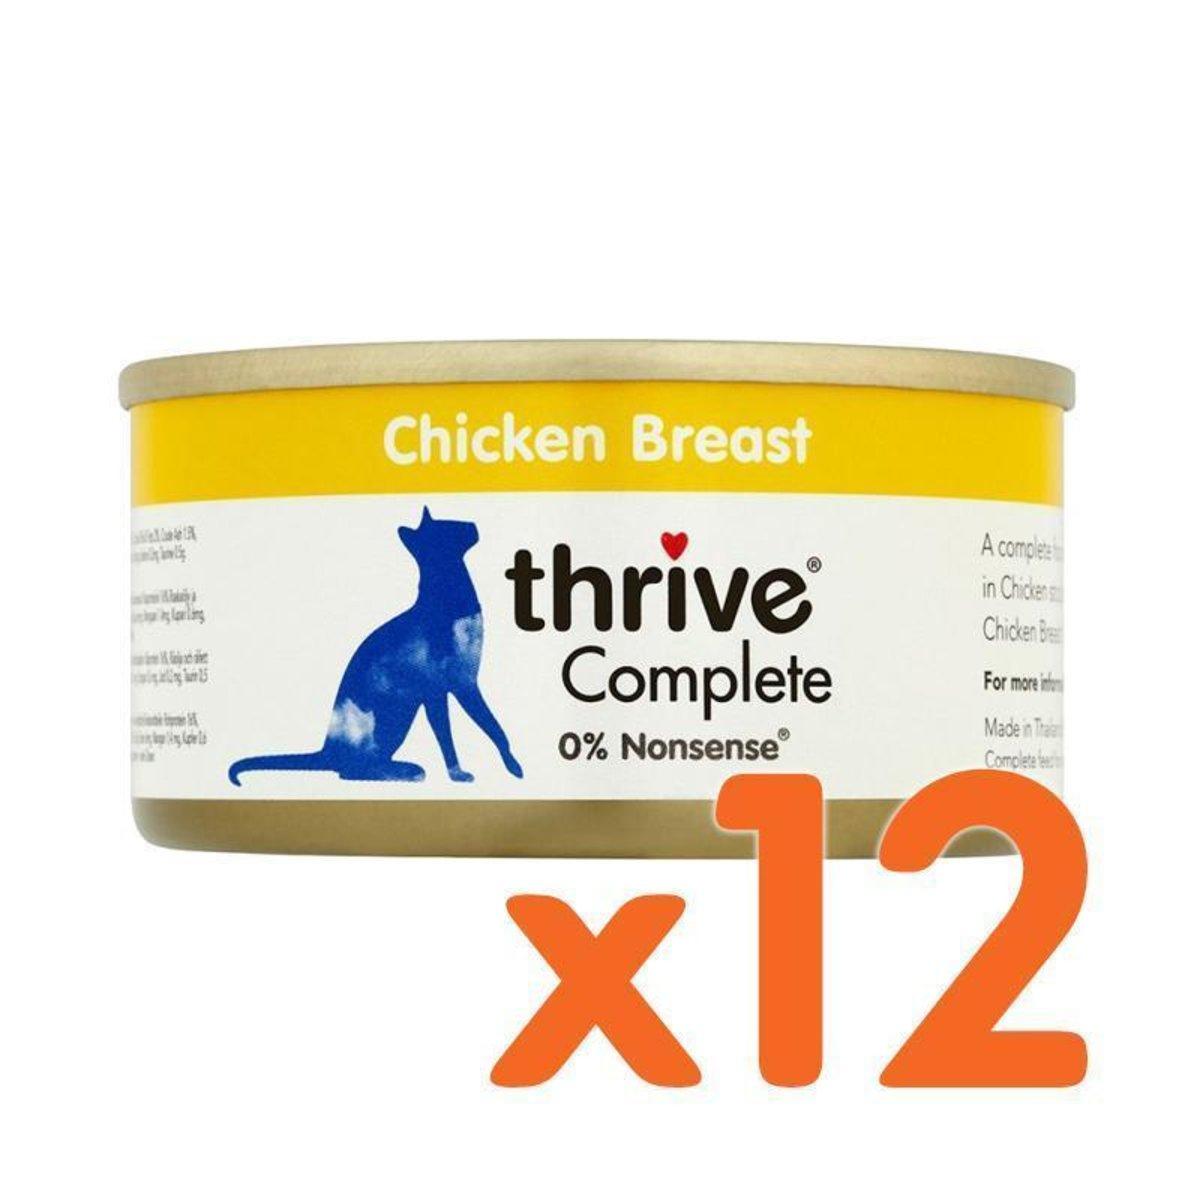 Chicken Breast x 12